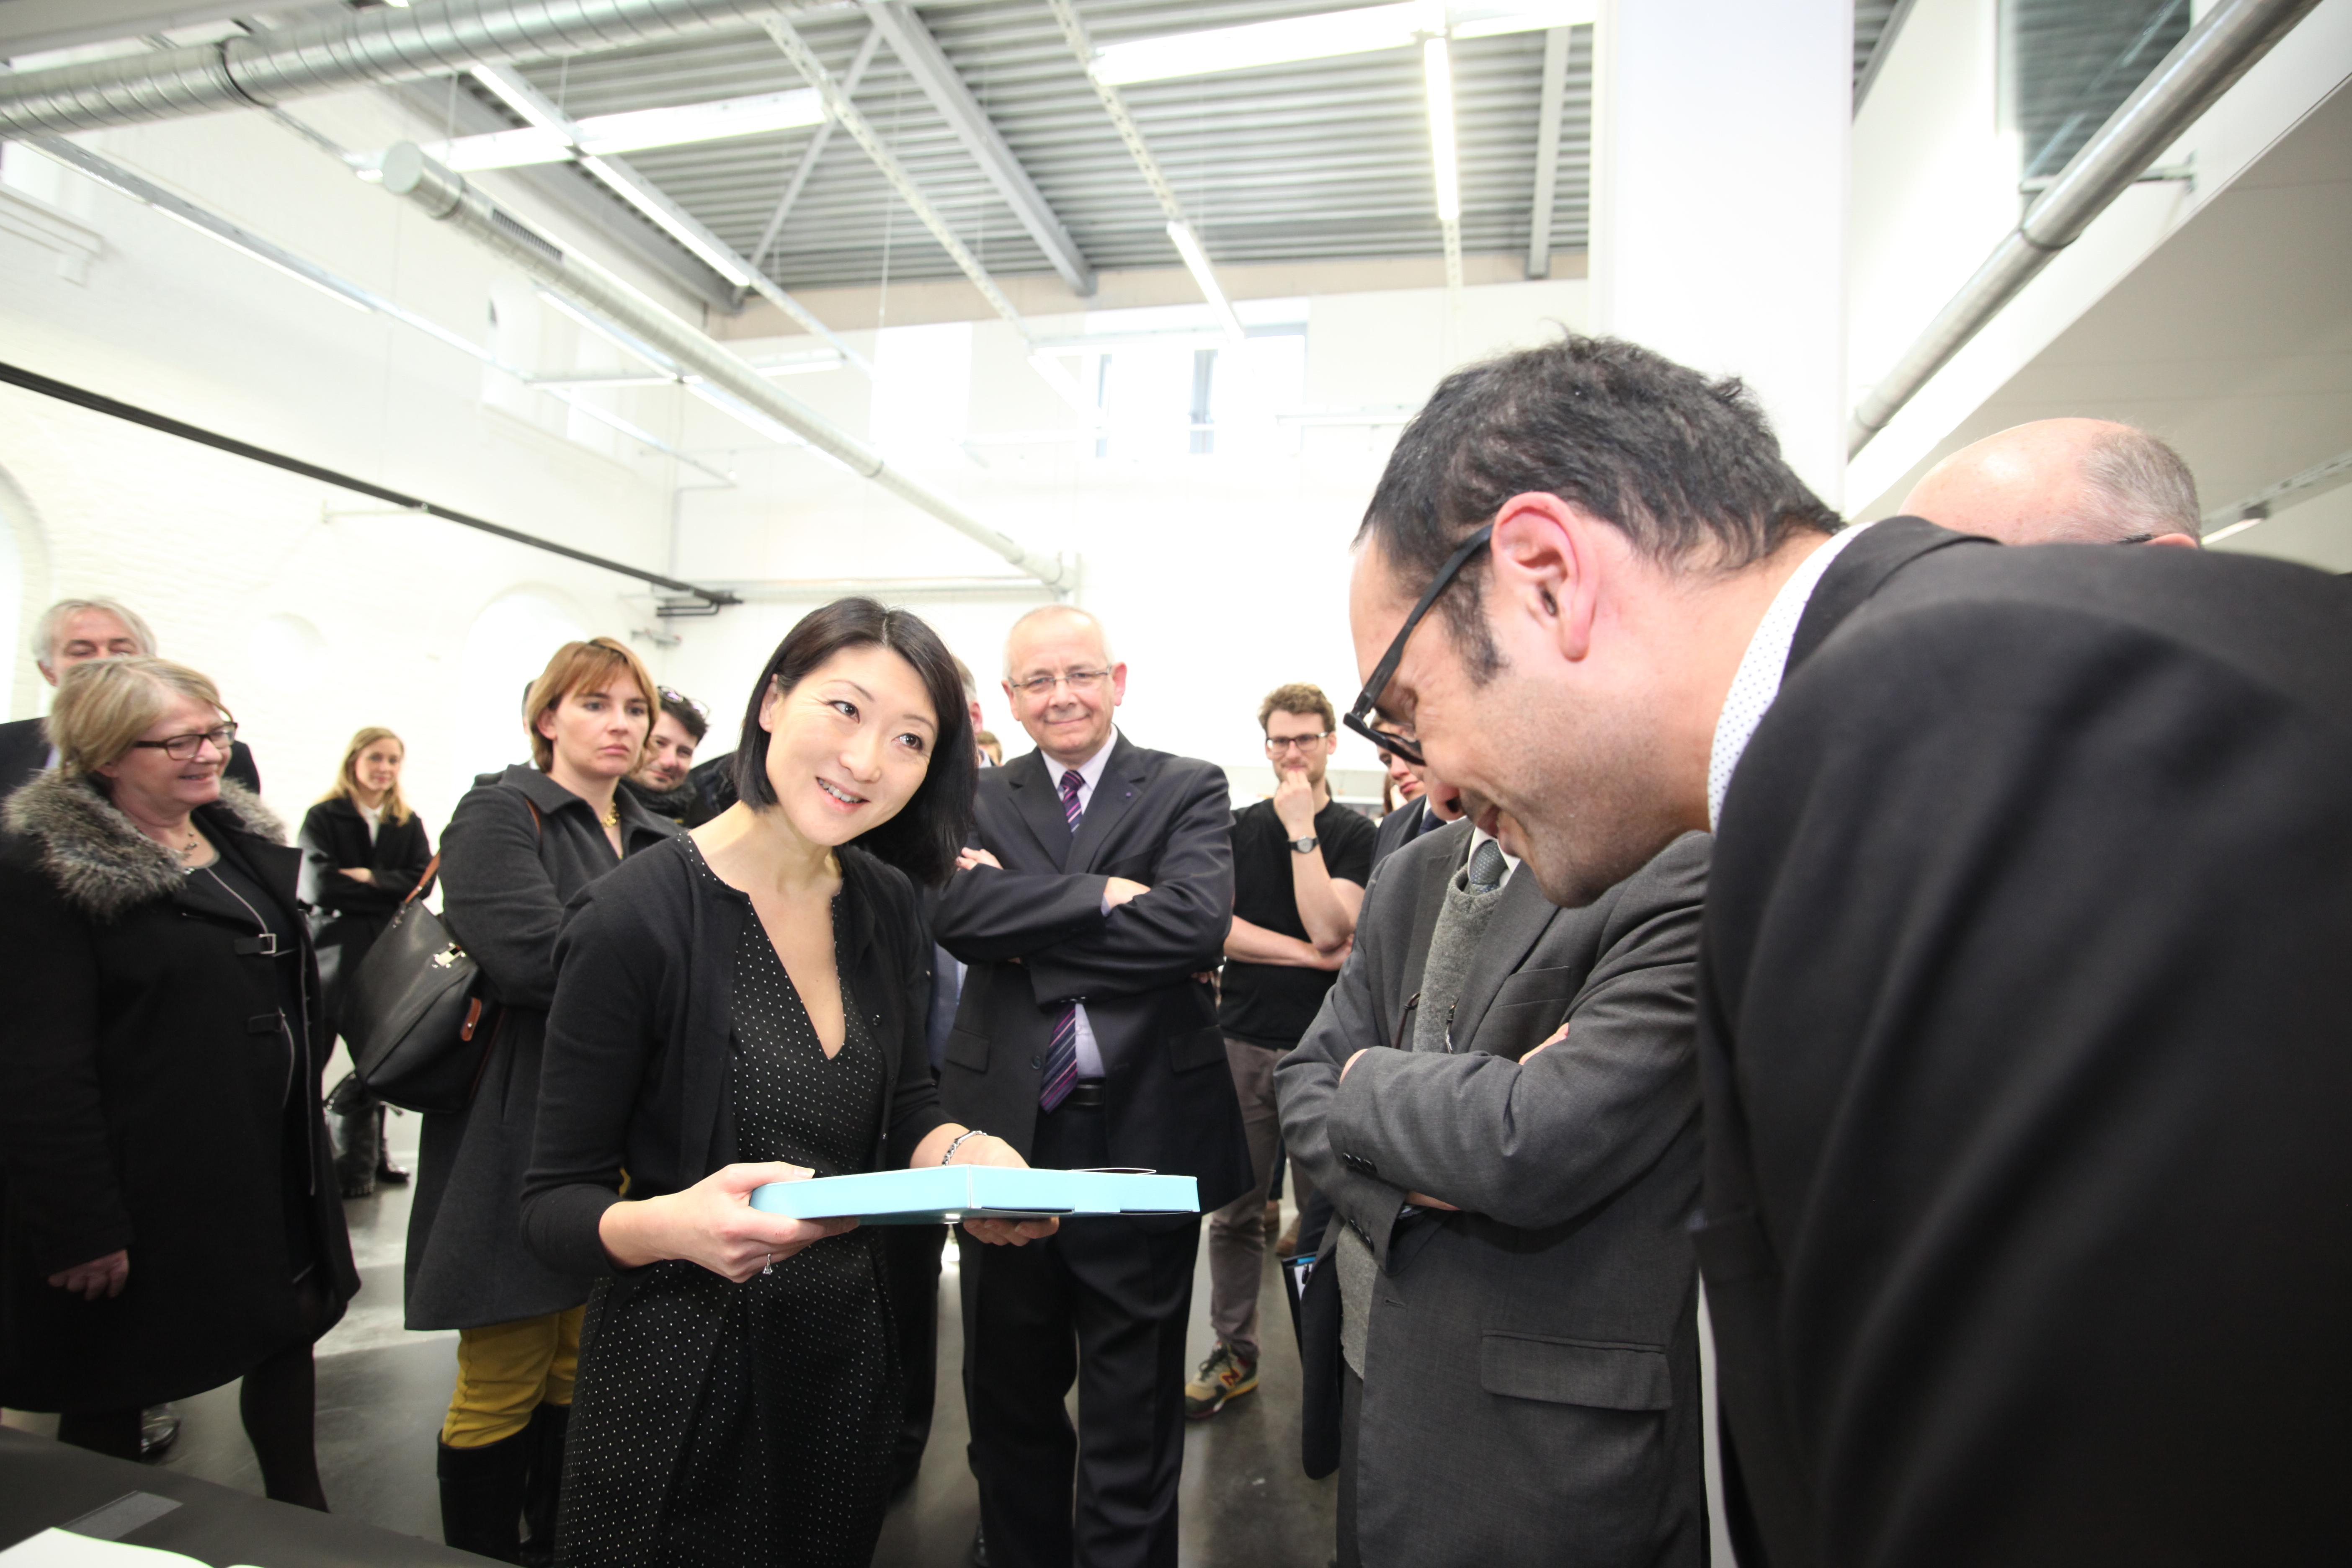 Visite de Madame la Ministre de la Culture & de la Communication à l'École supérieure d'art de Cambrai.